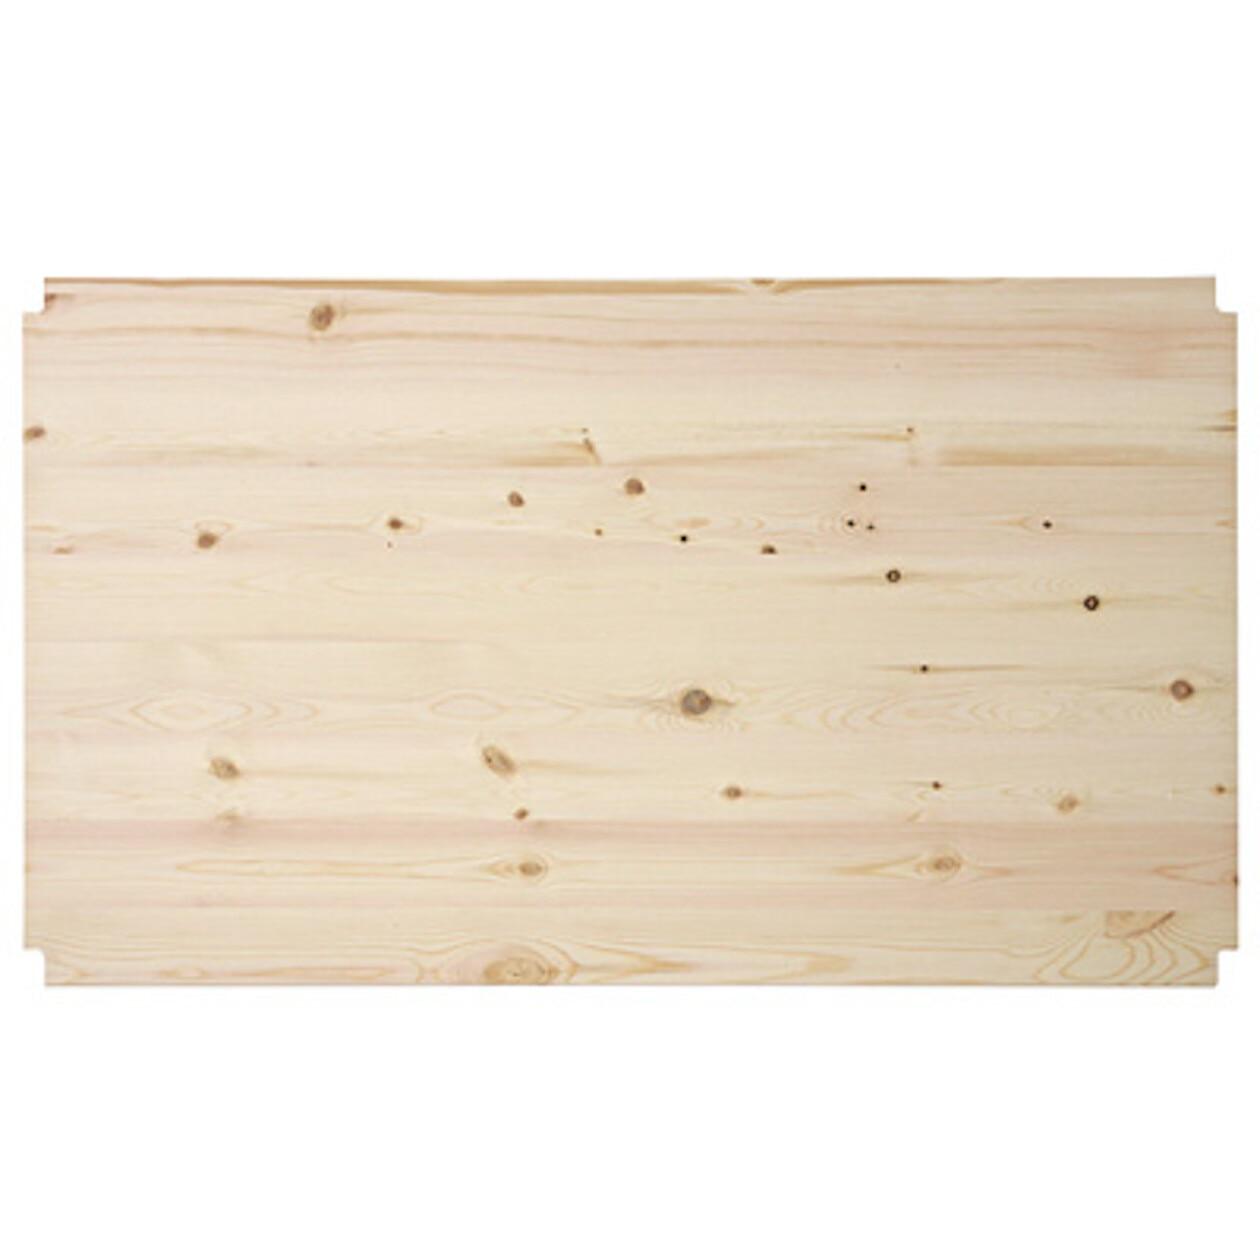 パイン材ユニットシェルフ・棚板ワイド・86cm幅用